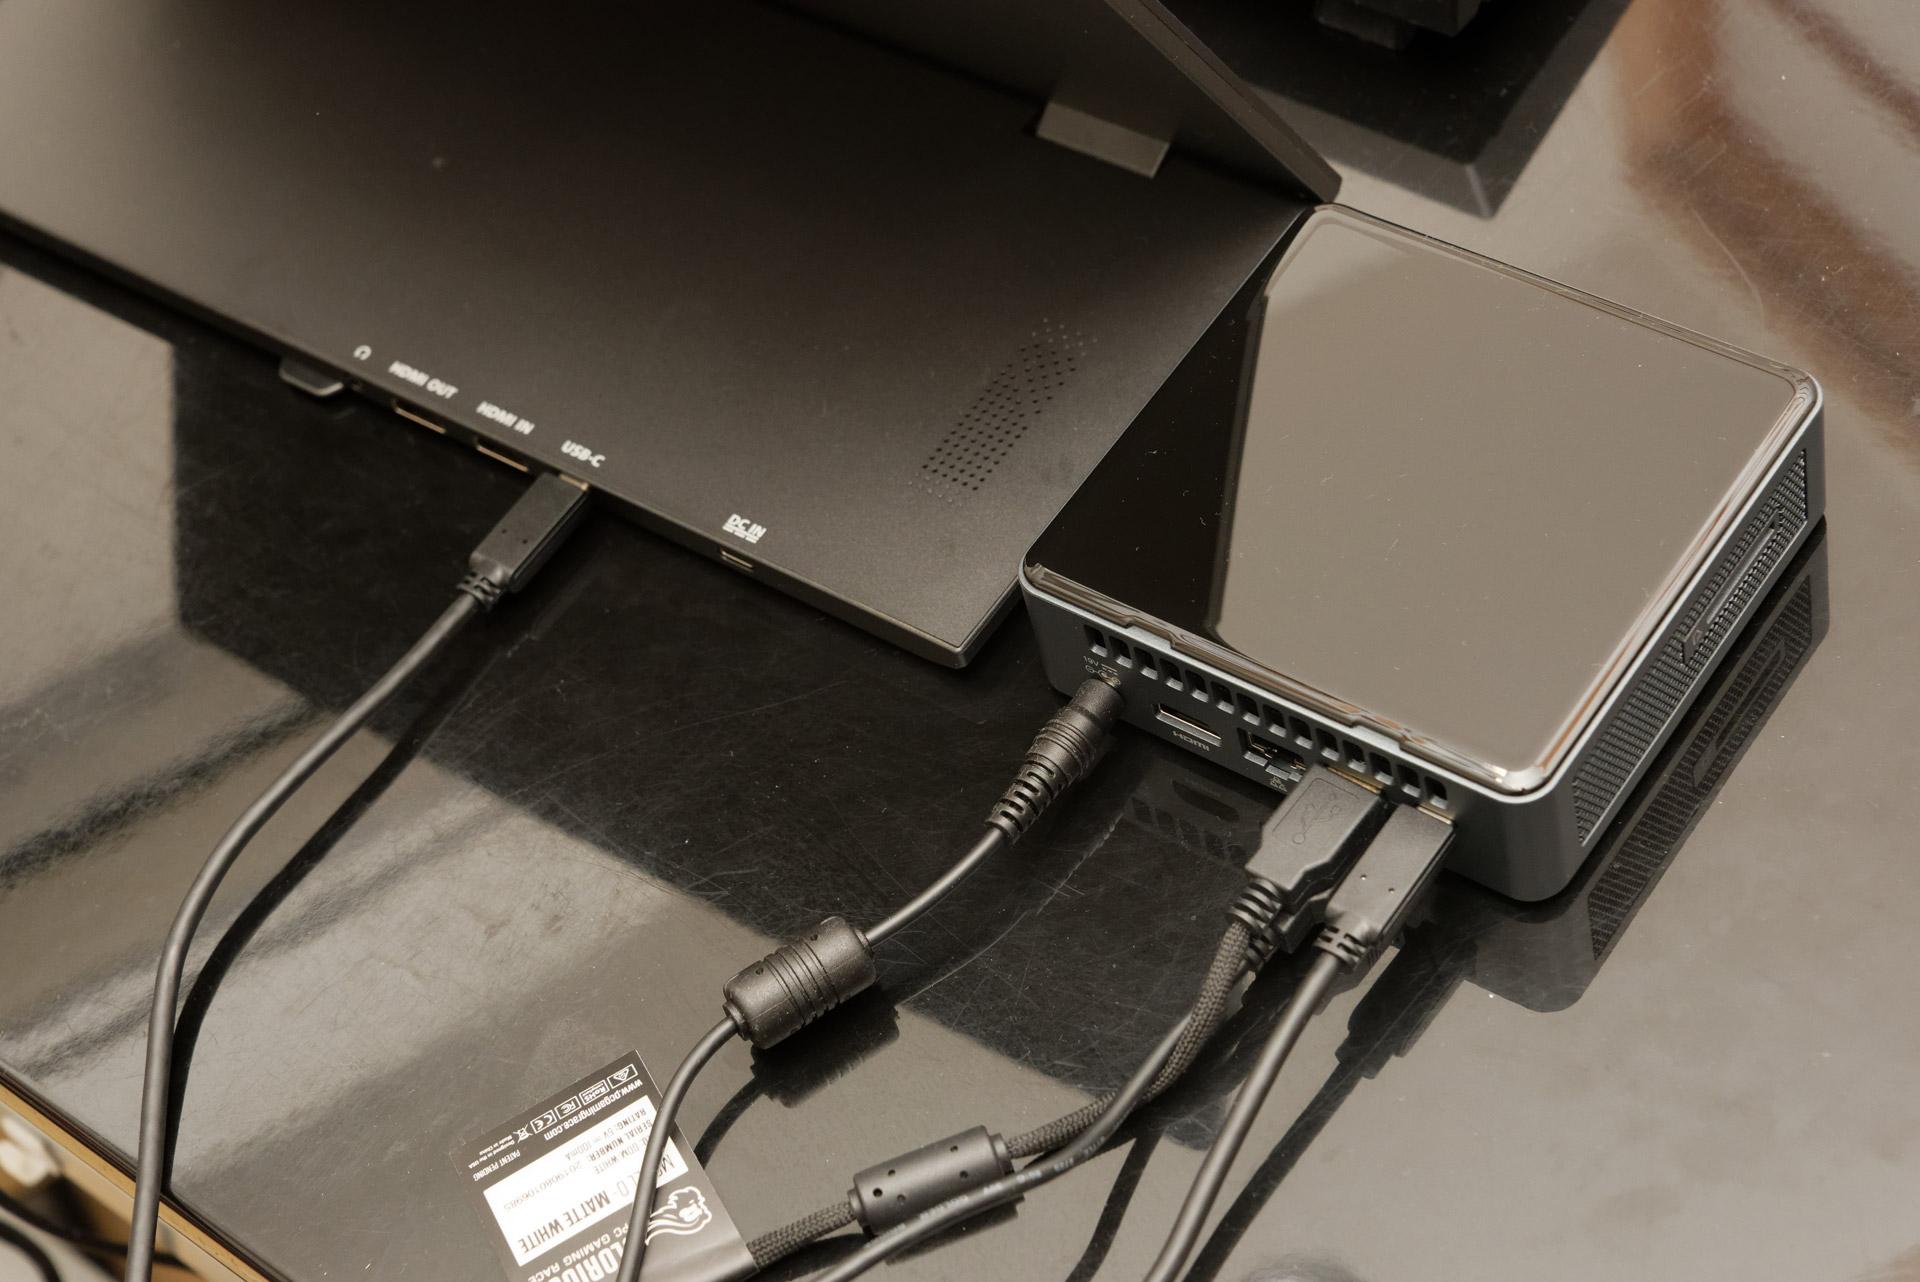 M505Eとの接続はUSB Type-Cケーブル1本で済む